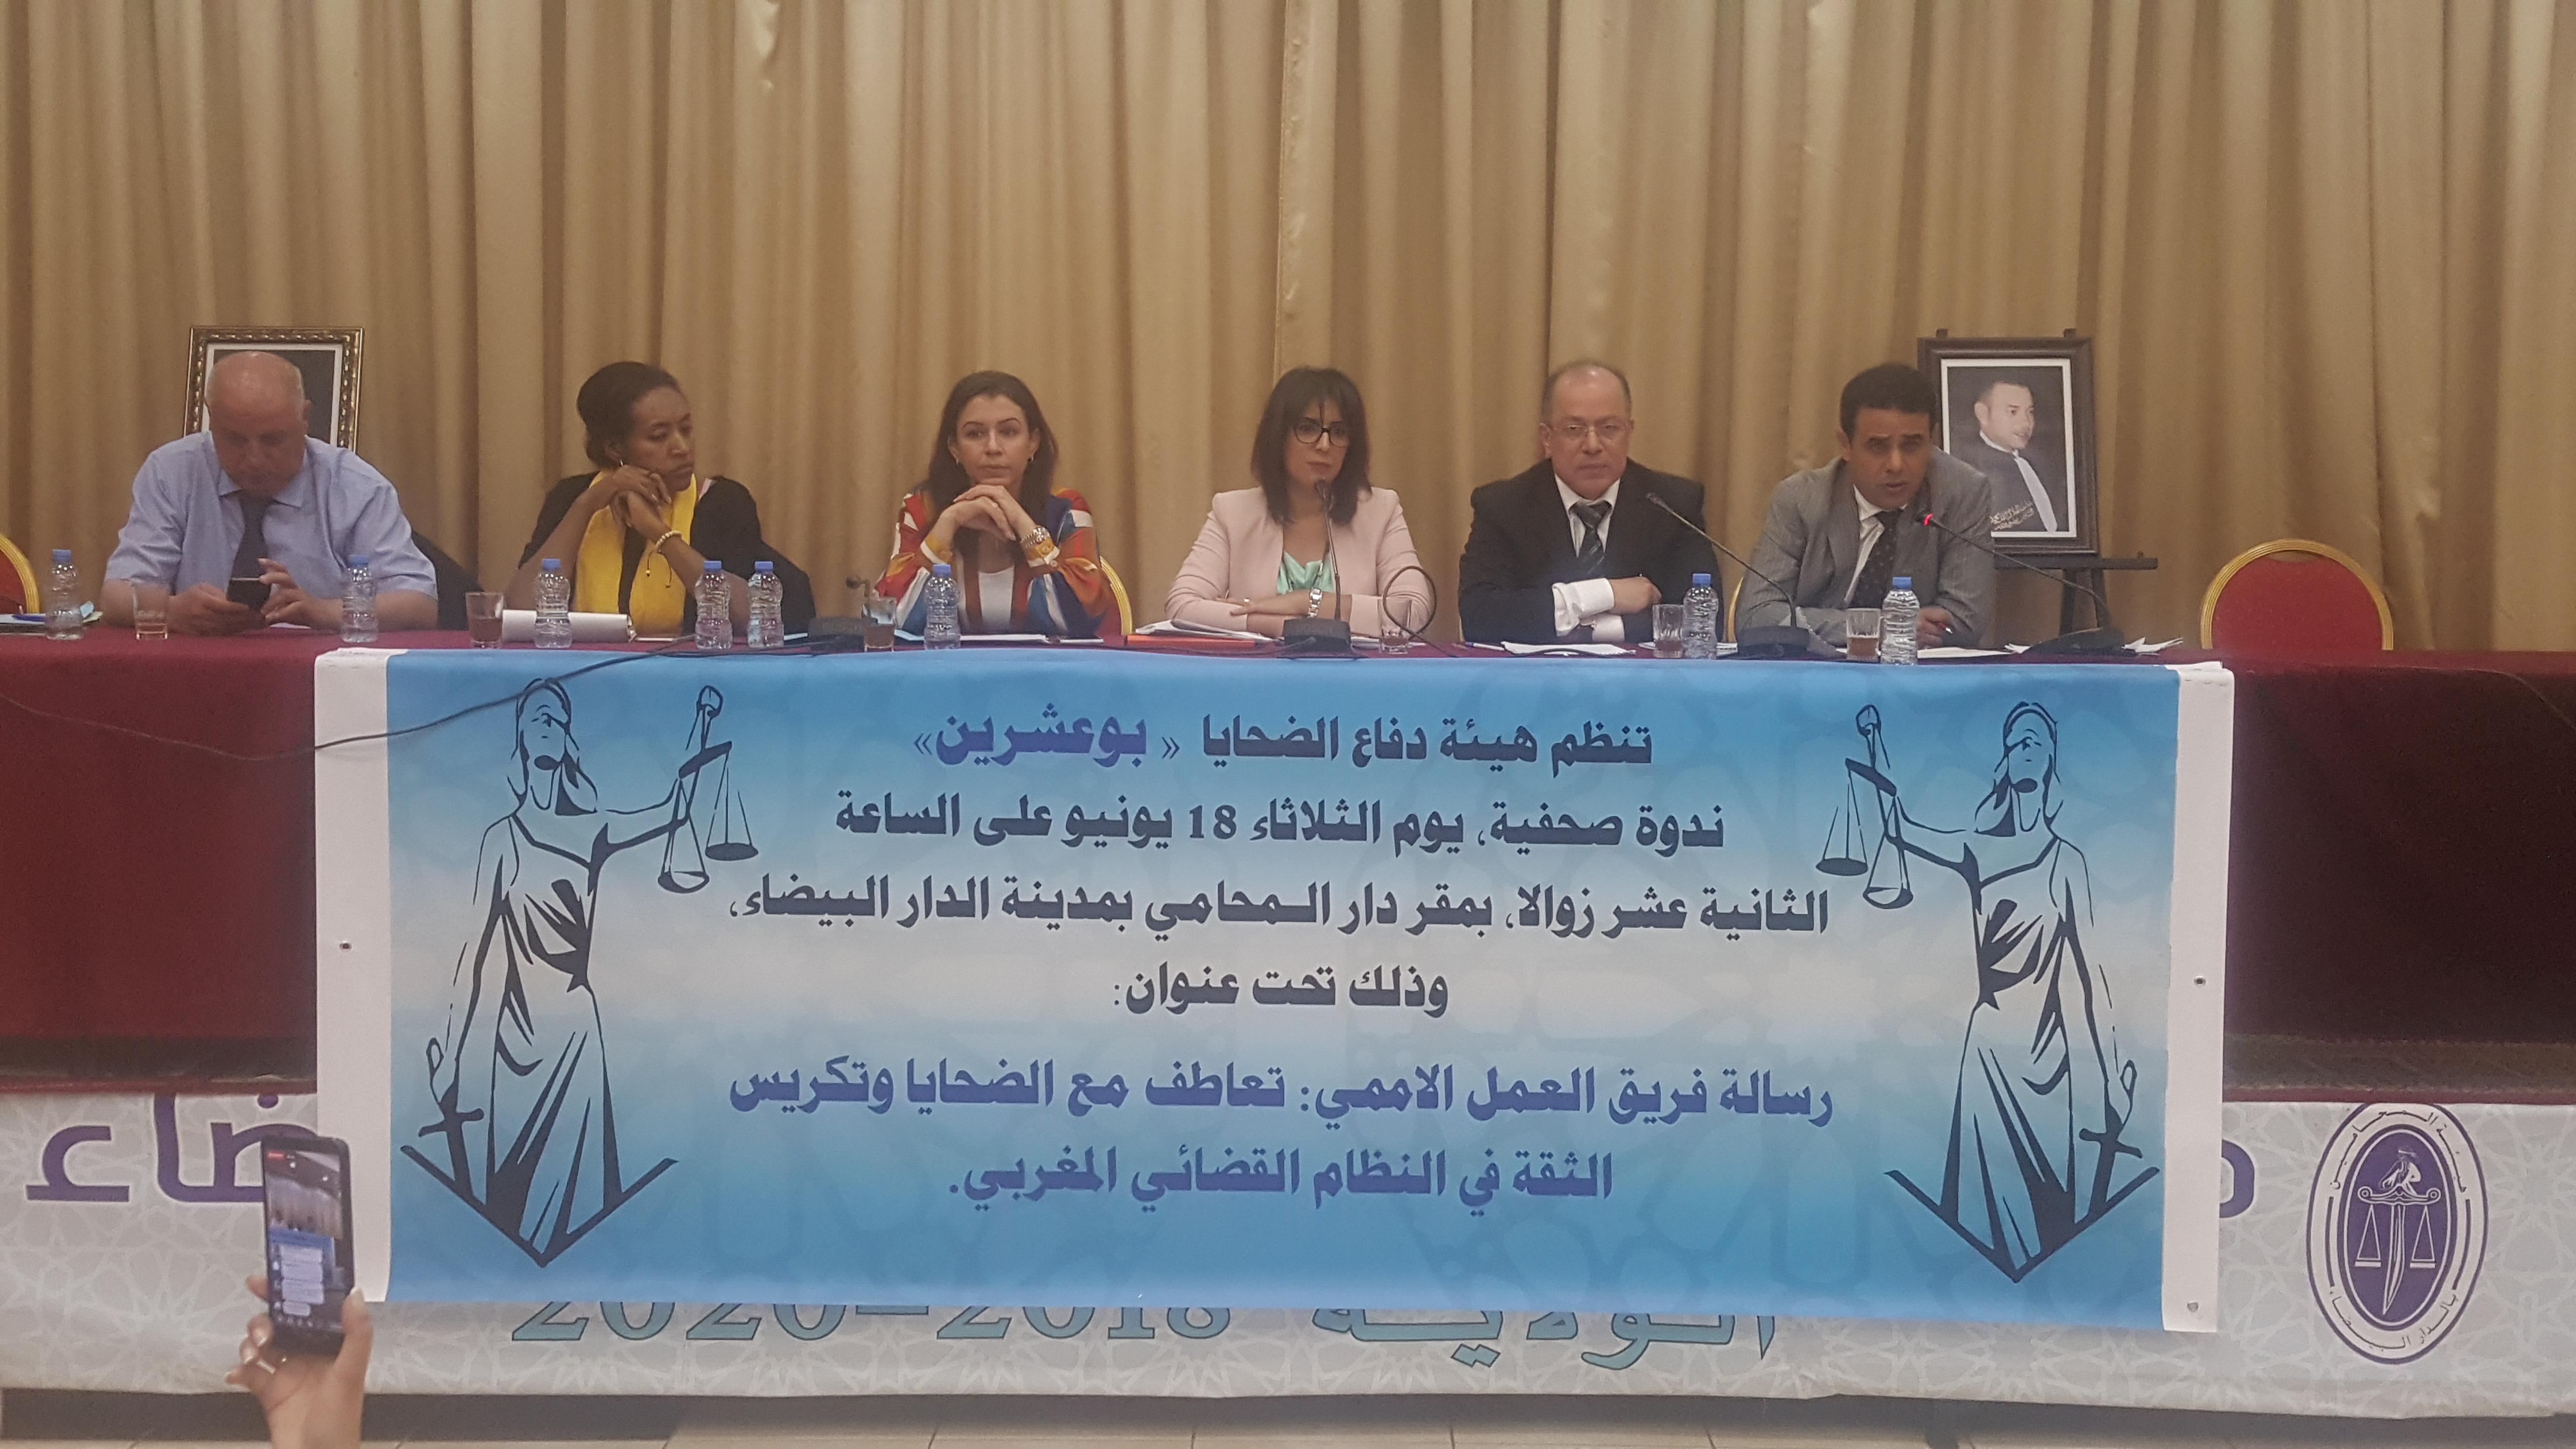 فريق العدالة والتنمية بمجلس النواب يرفض استقبال ضحايا توفيق بوعشرين